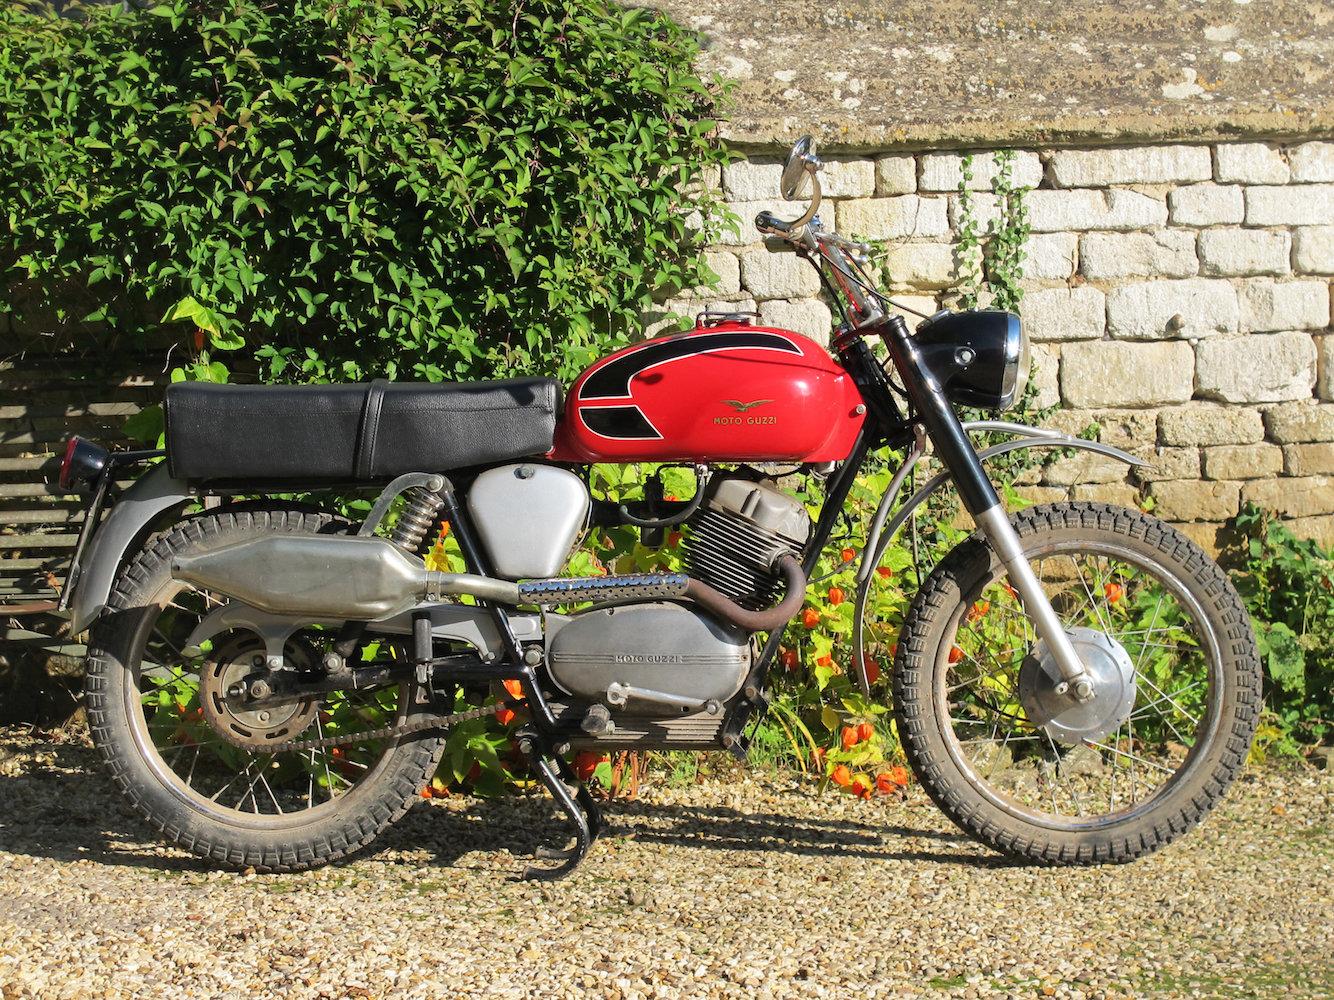 1968 Moto guzzi 125cc stornello For Sale (picture 6 of 6)